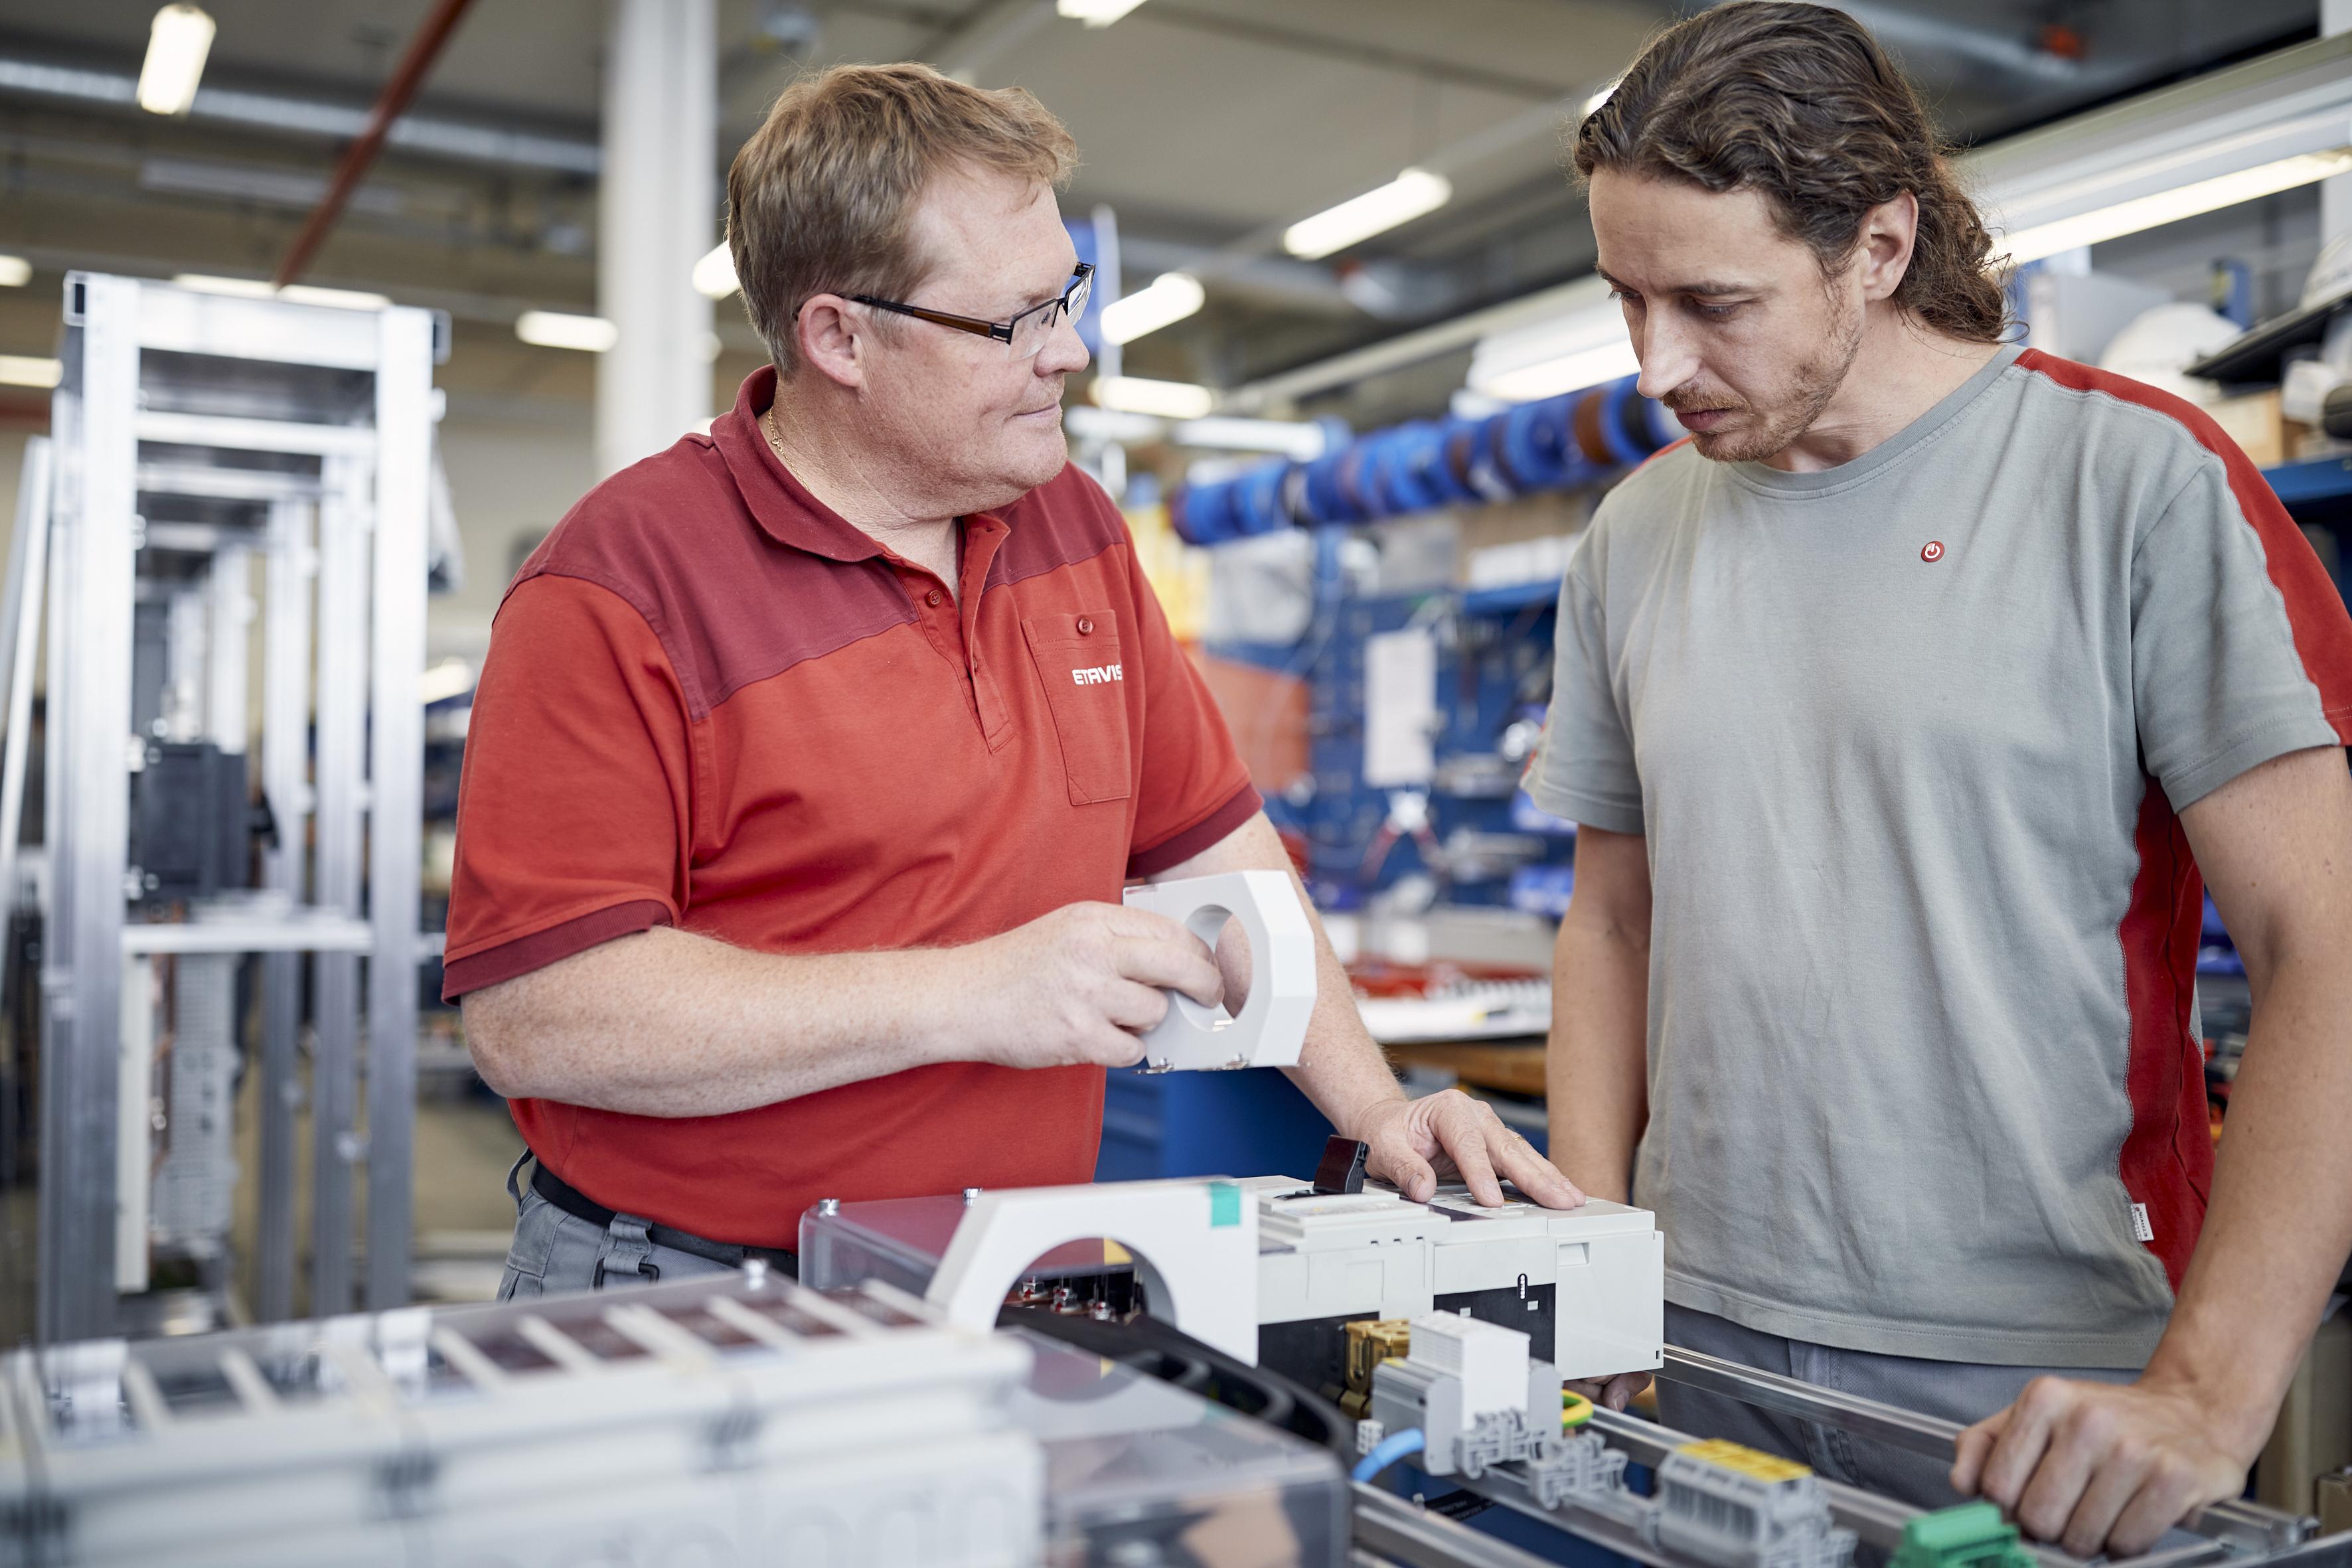 Vorreiter in Sachen Qualität: ETAVIS erhält VSAS-Qualitäts-Label